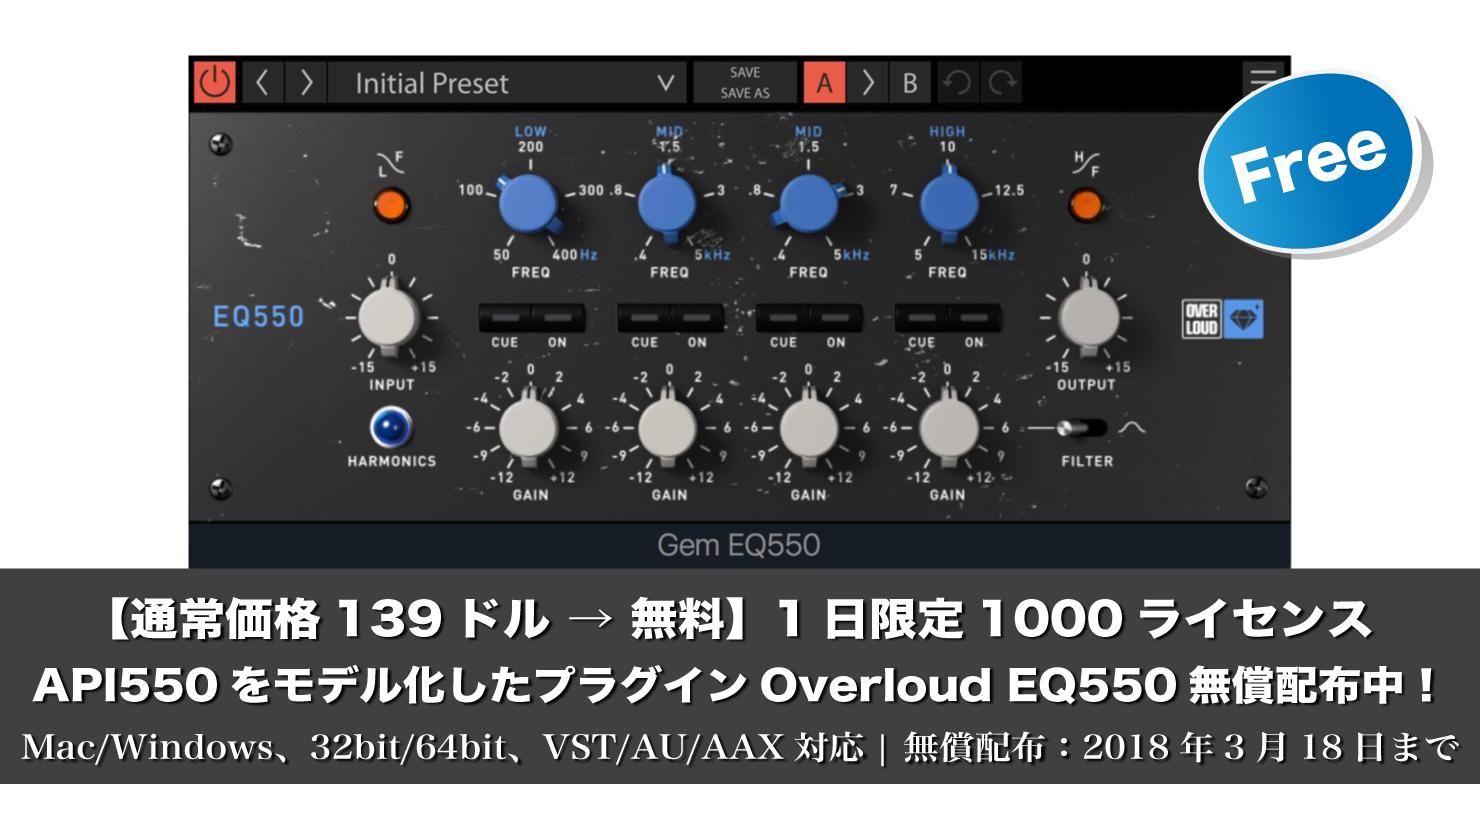 【139ドル→無料】API550をモデル化した「Overloud EQ550」が1日限定1000ライセンス、2018年3月18日まで無償配布中!